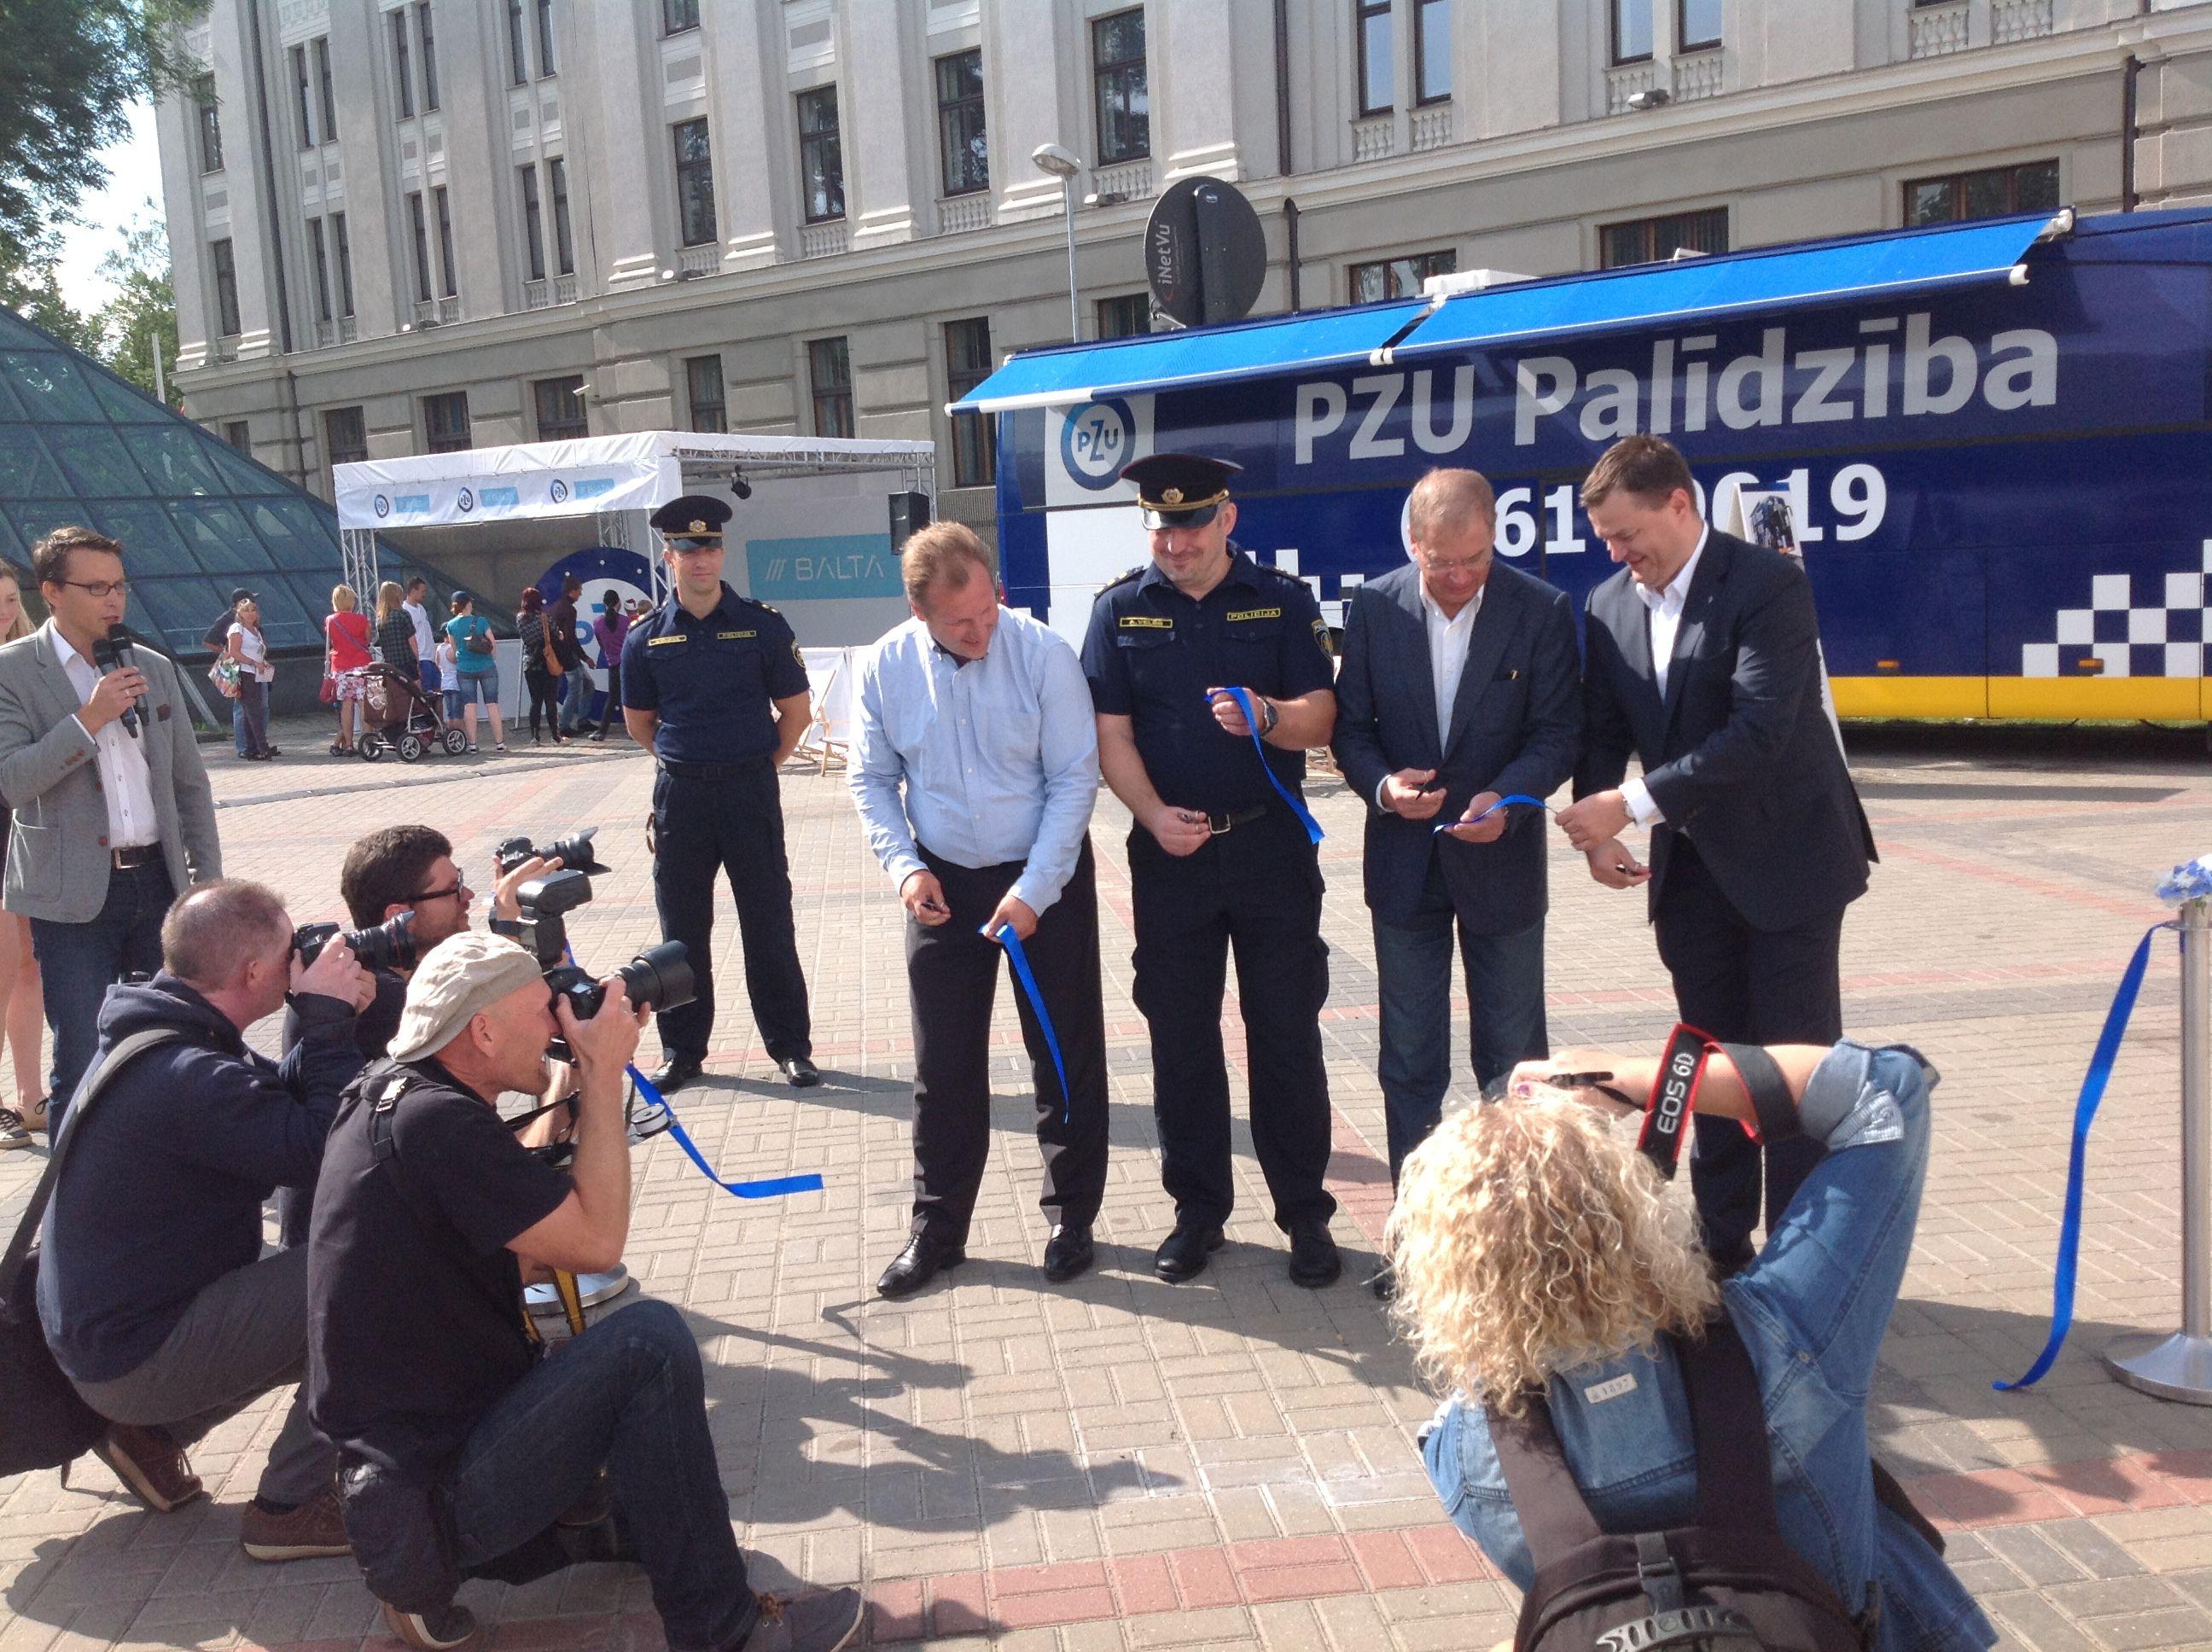 FN-SERVISS ugunsdrošības paraugdemostrēšana Rīgas svētkos